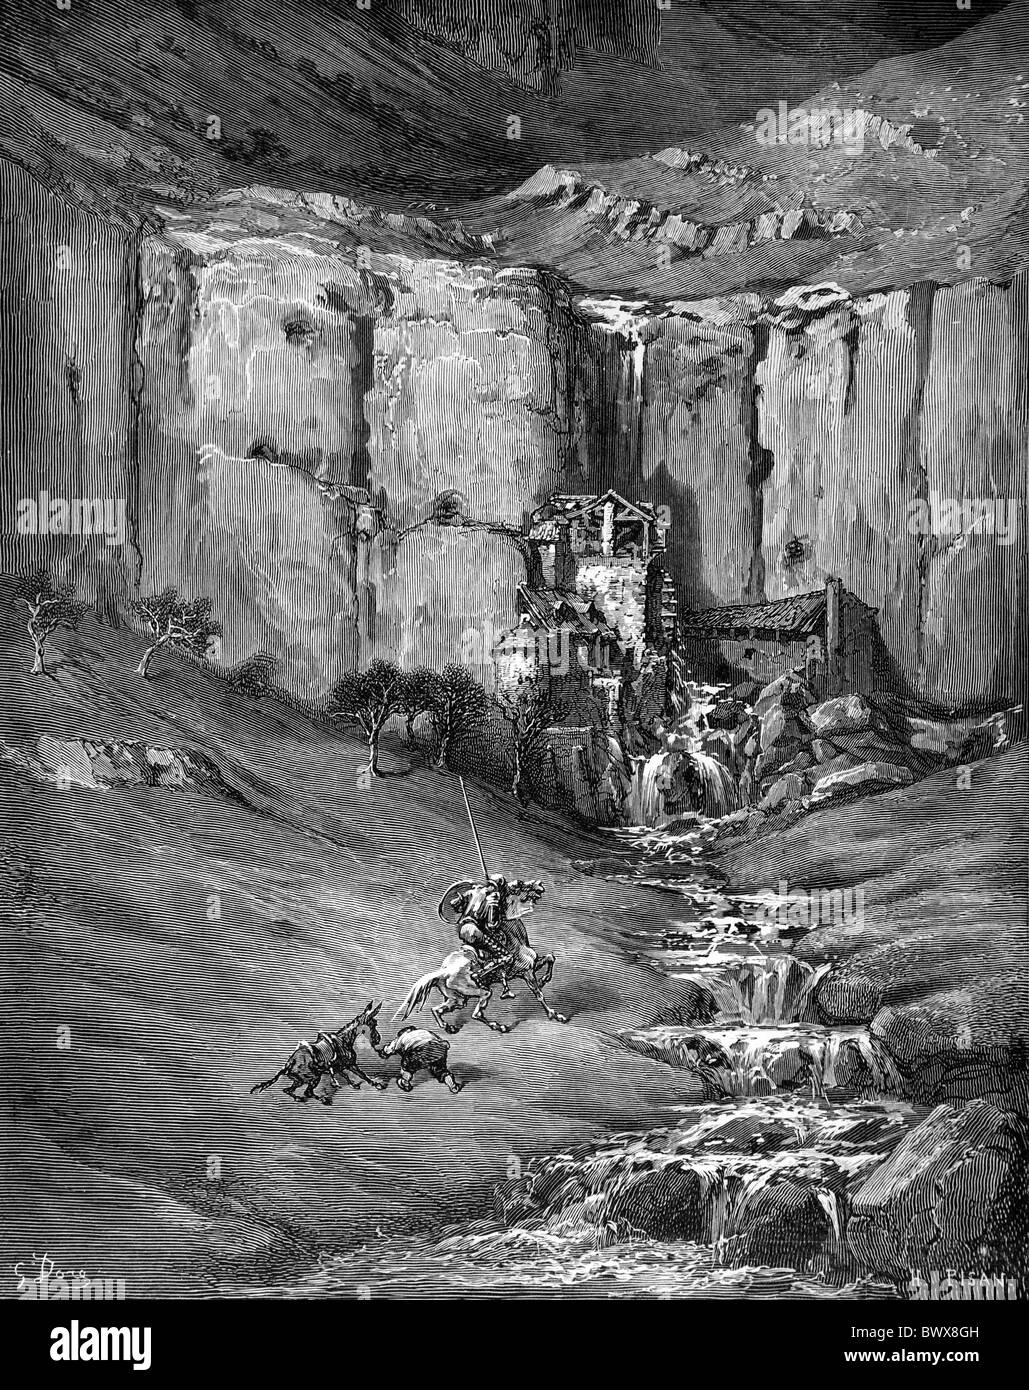 Gustave Doré; Das Abenteuer der Fulling Mühlen; Illustration von Don Quijote von Miguel de Cervantes schwarz Stockbild